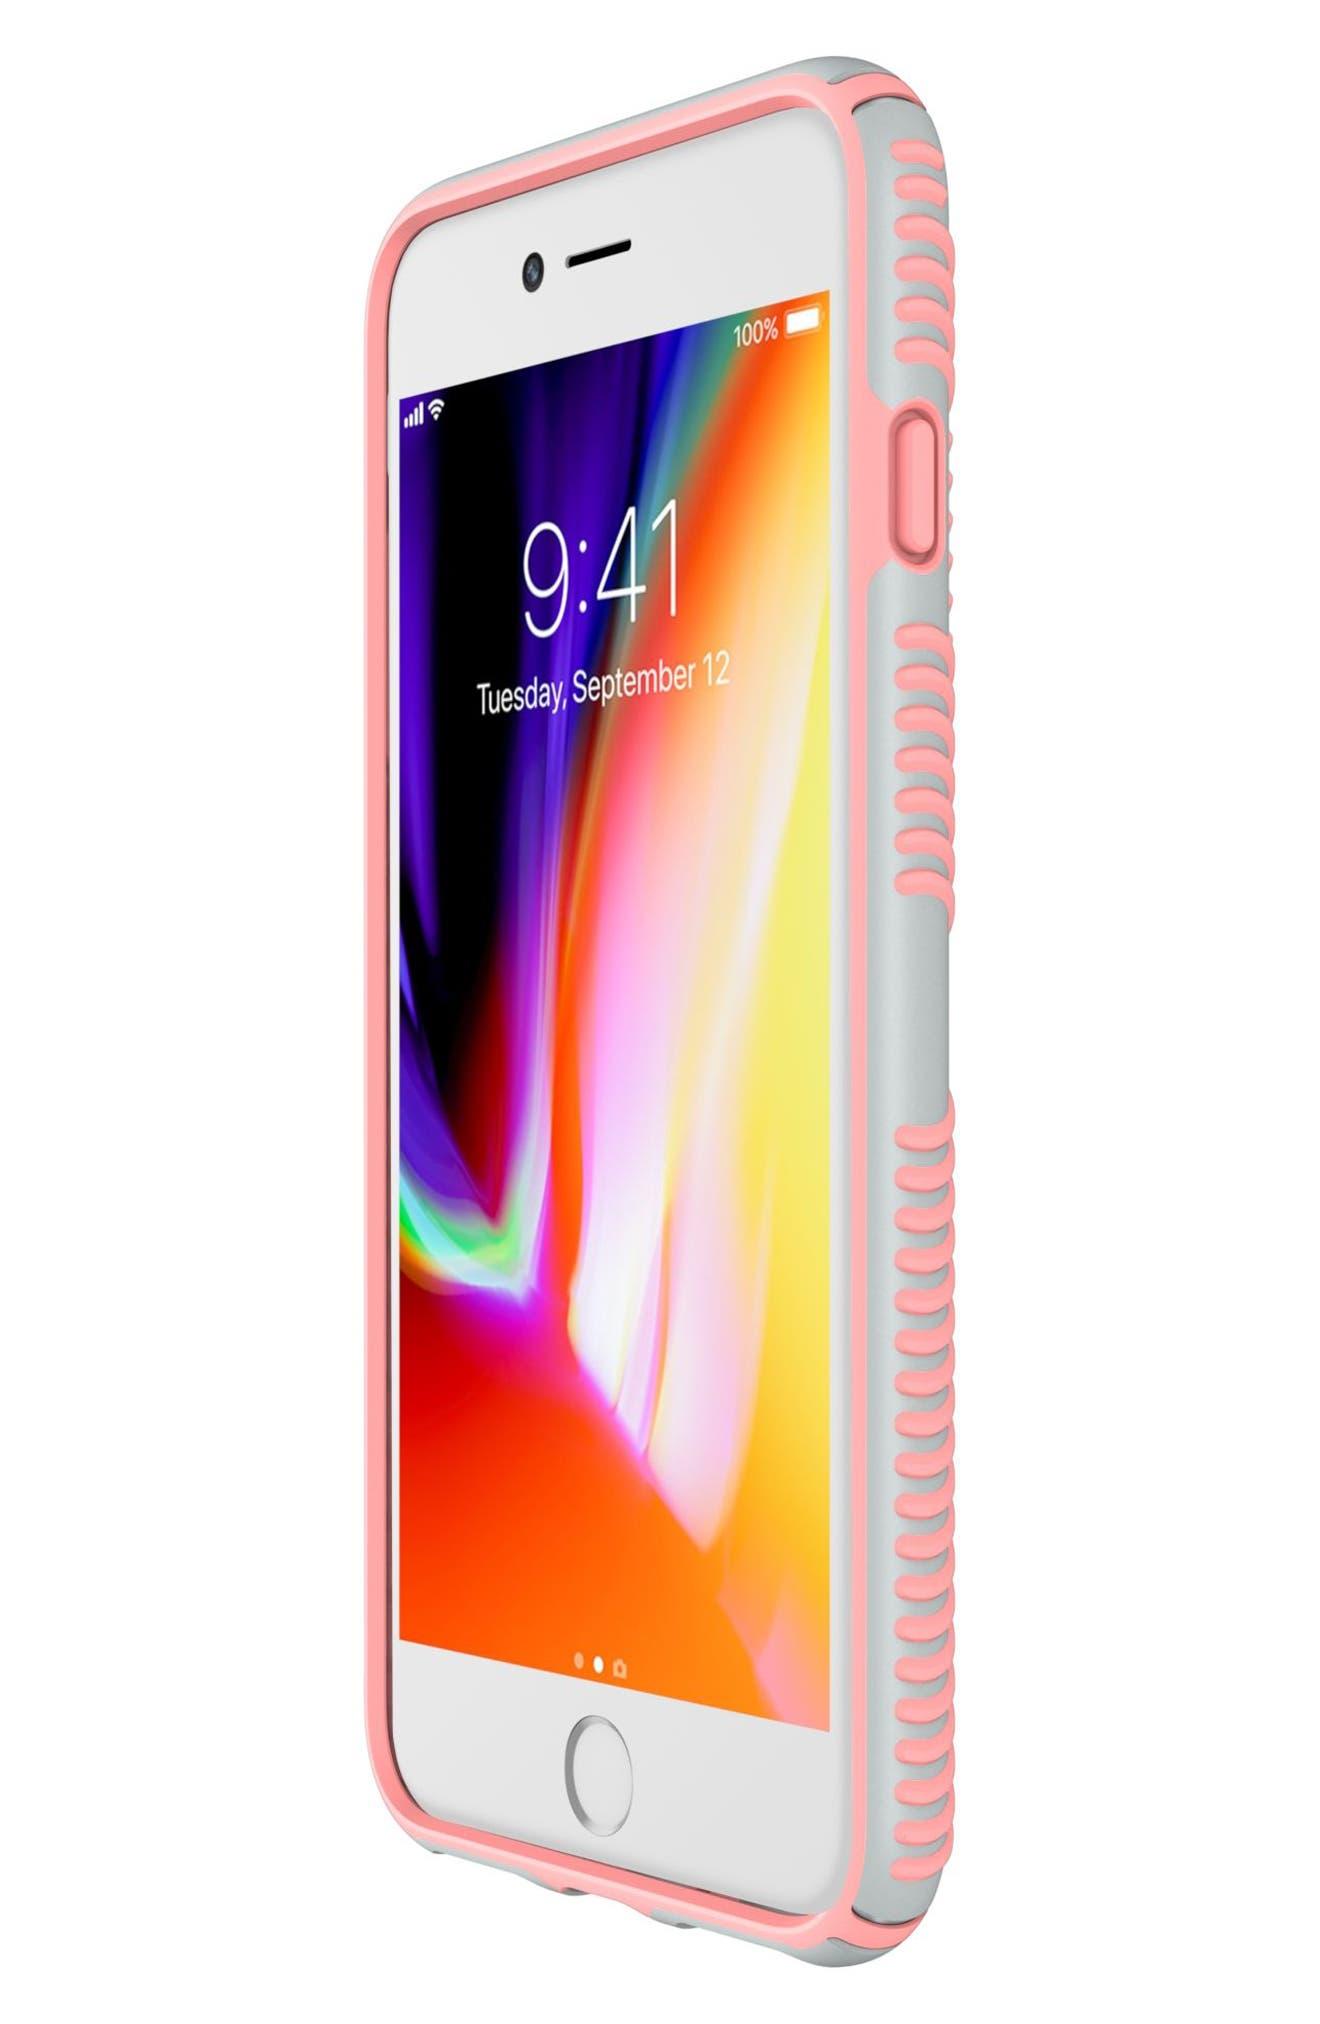 Grip iPhone 6/6s/7/8 Plus Case,                             Alternate thumbnail 4, color,                             020